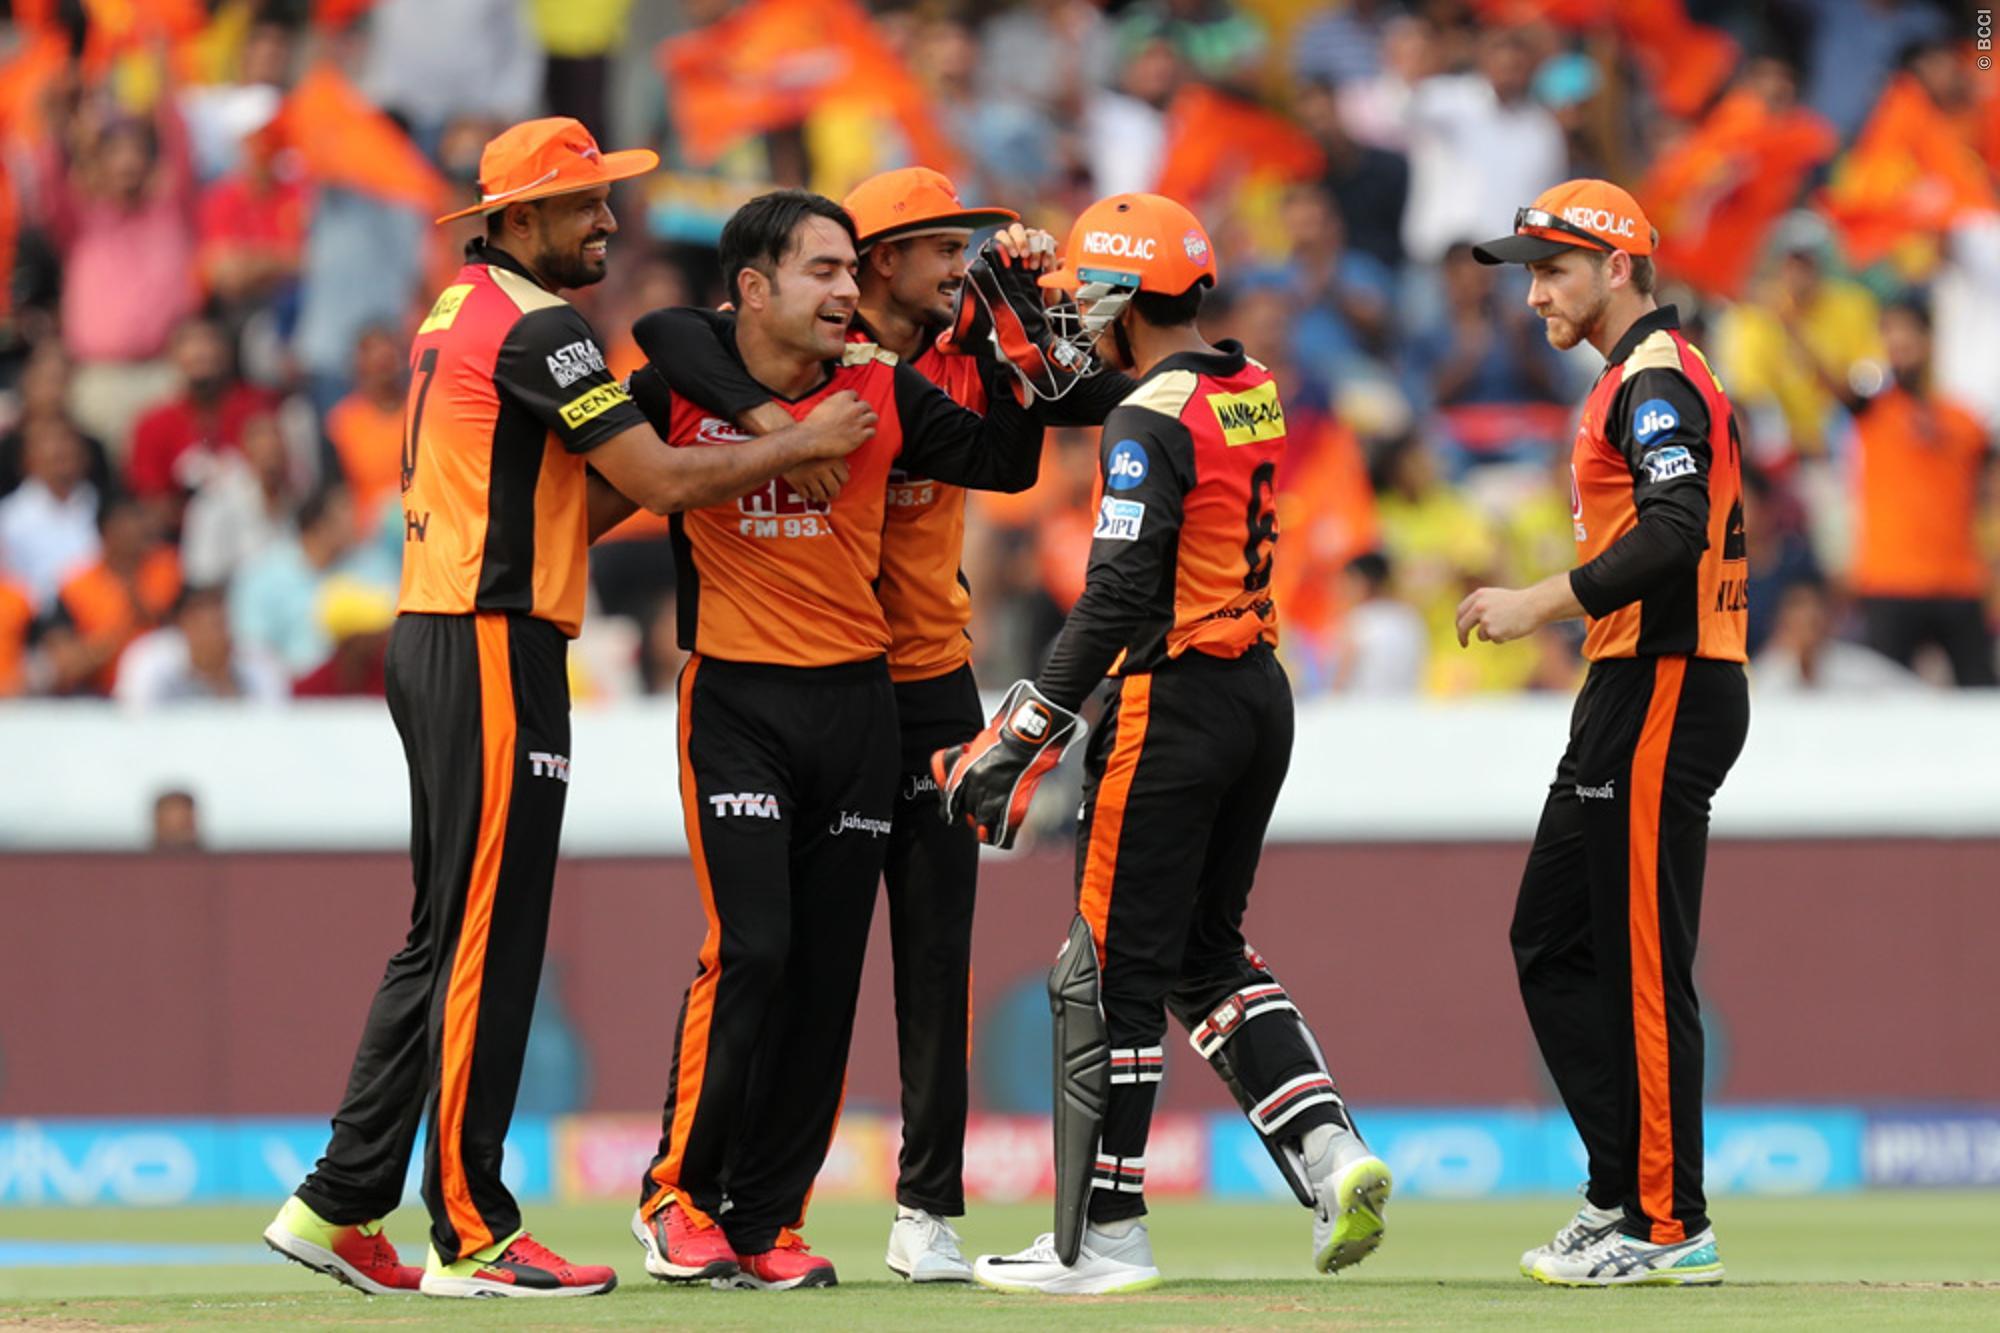 अंपायर की गलती से नाखुश है सनराइजर्स हैदराबाद टीम मैनेजमेंट, कप्तान ने भी किया नो बॉल का उल्लेख 11